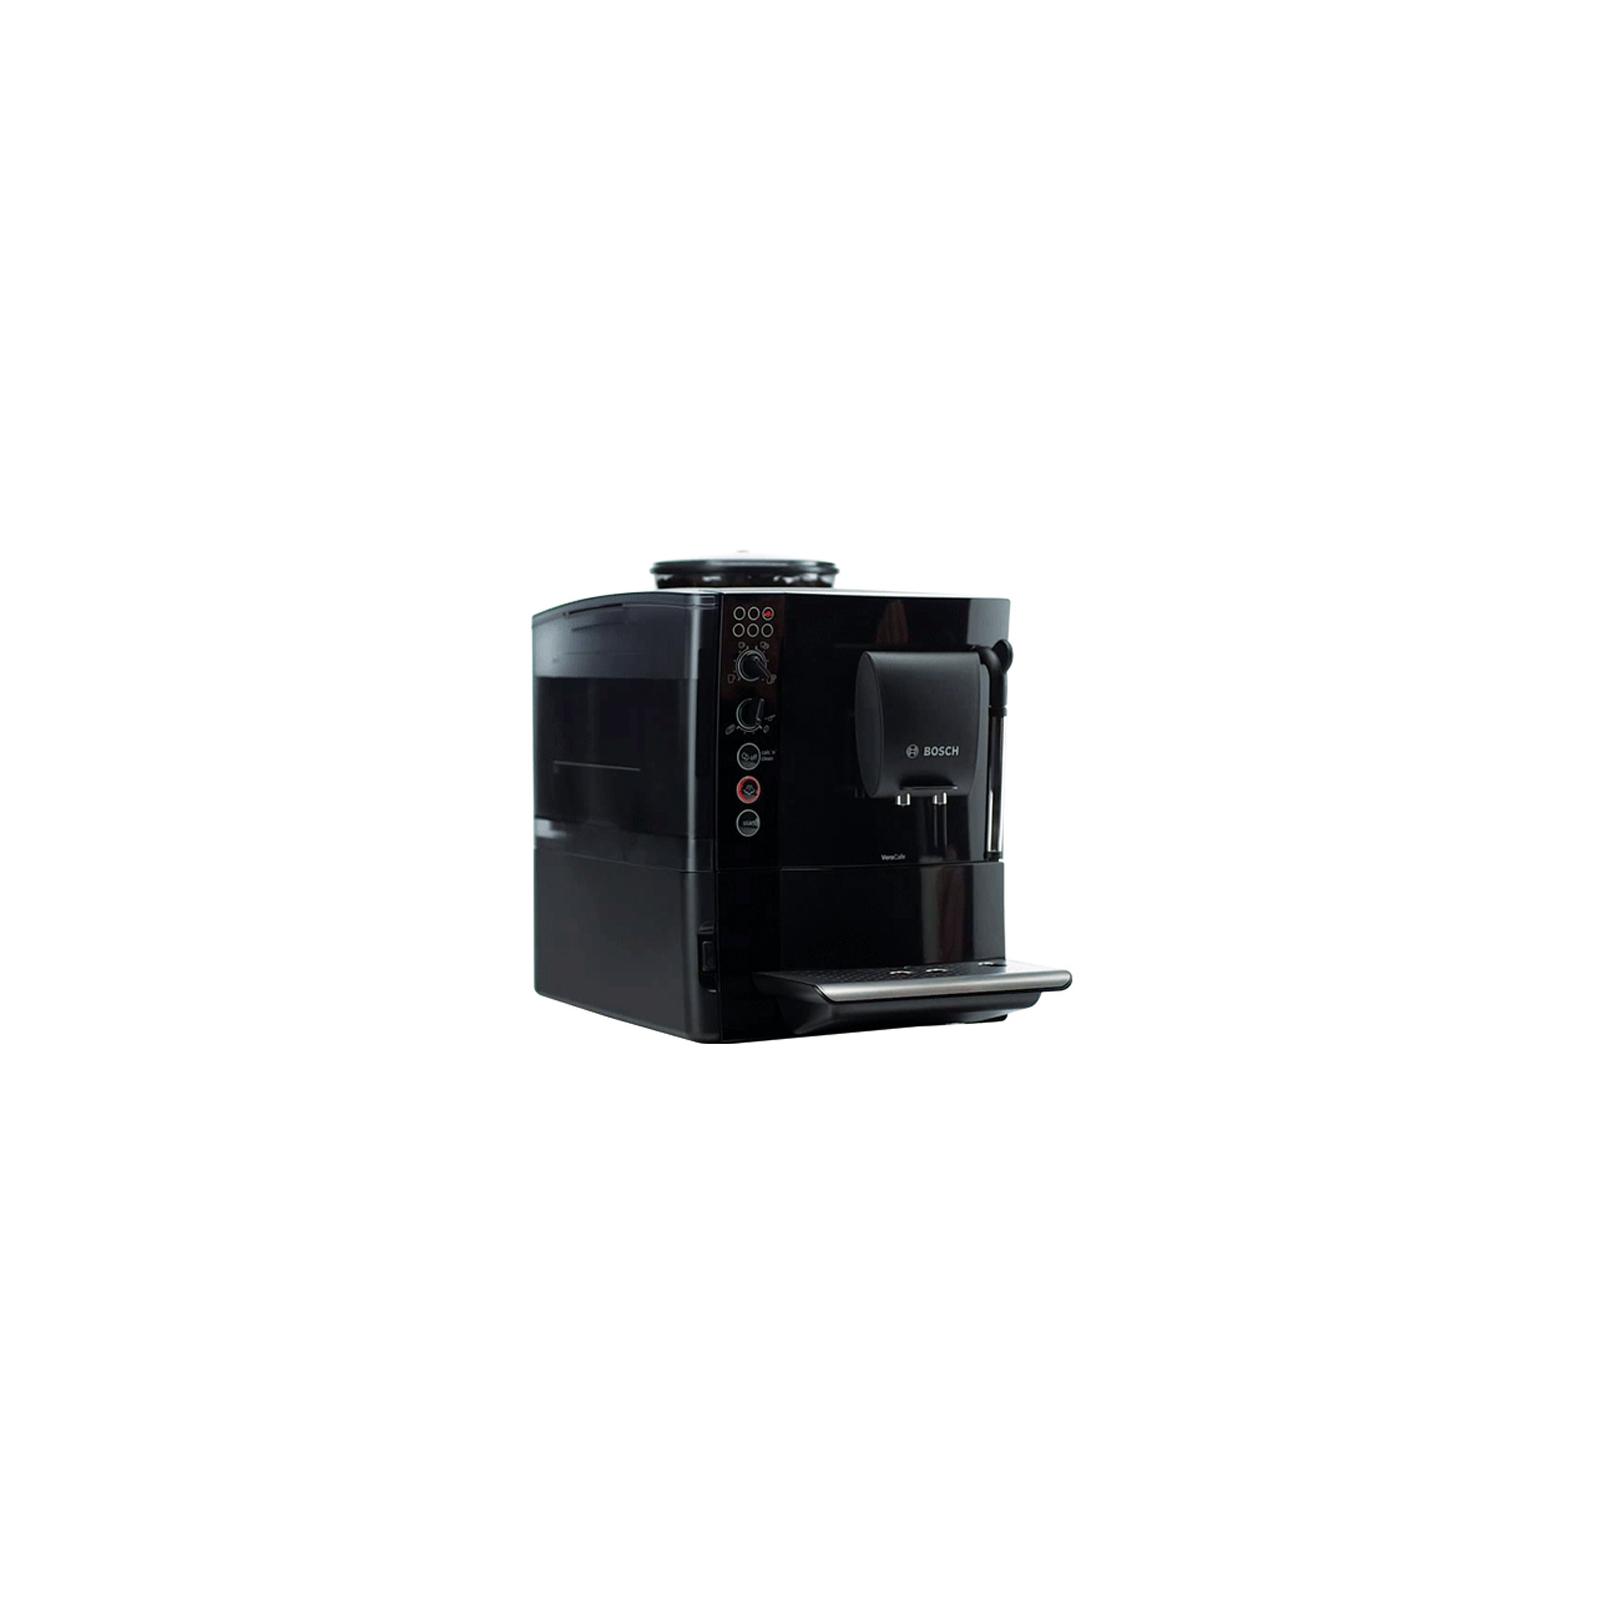 Кофеварка BOSCH TES50129RW изображение 8